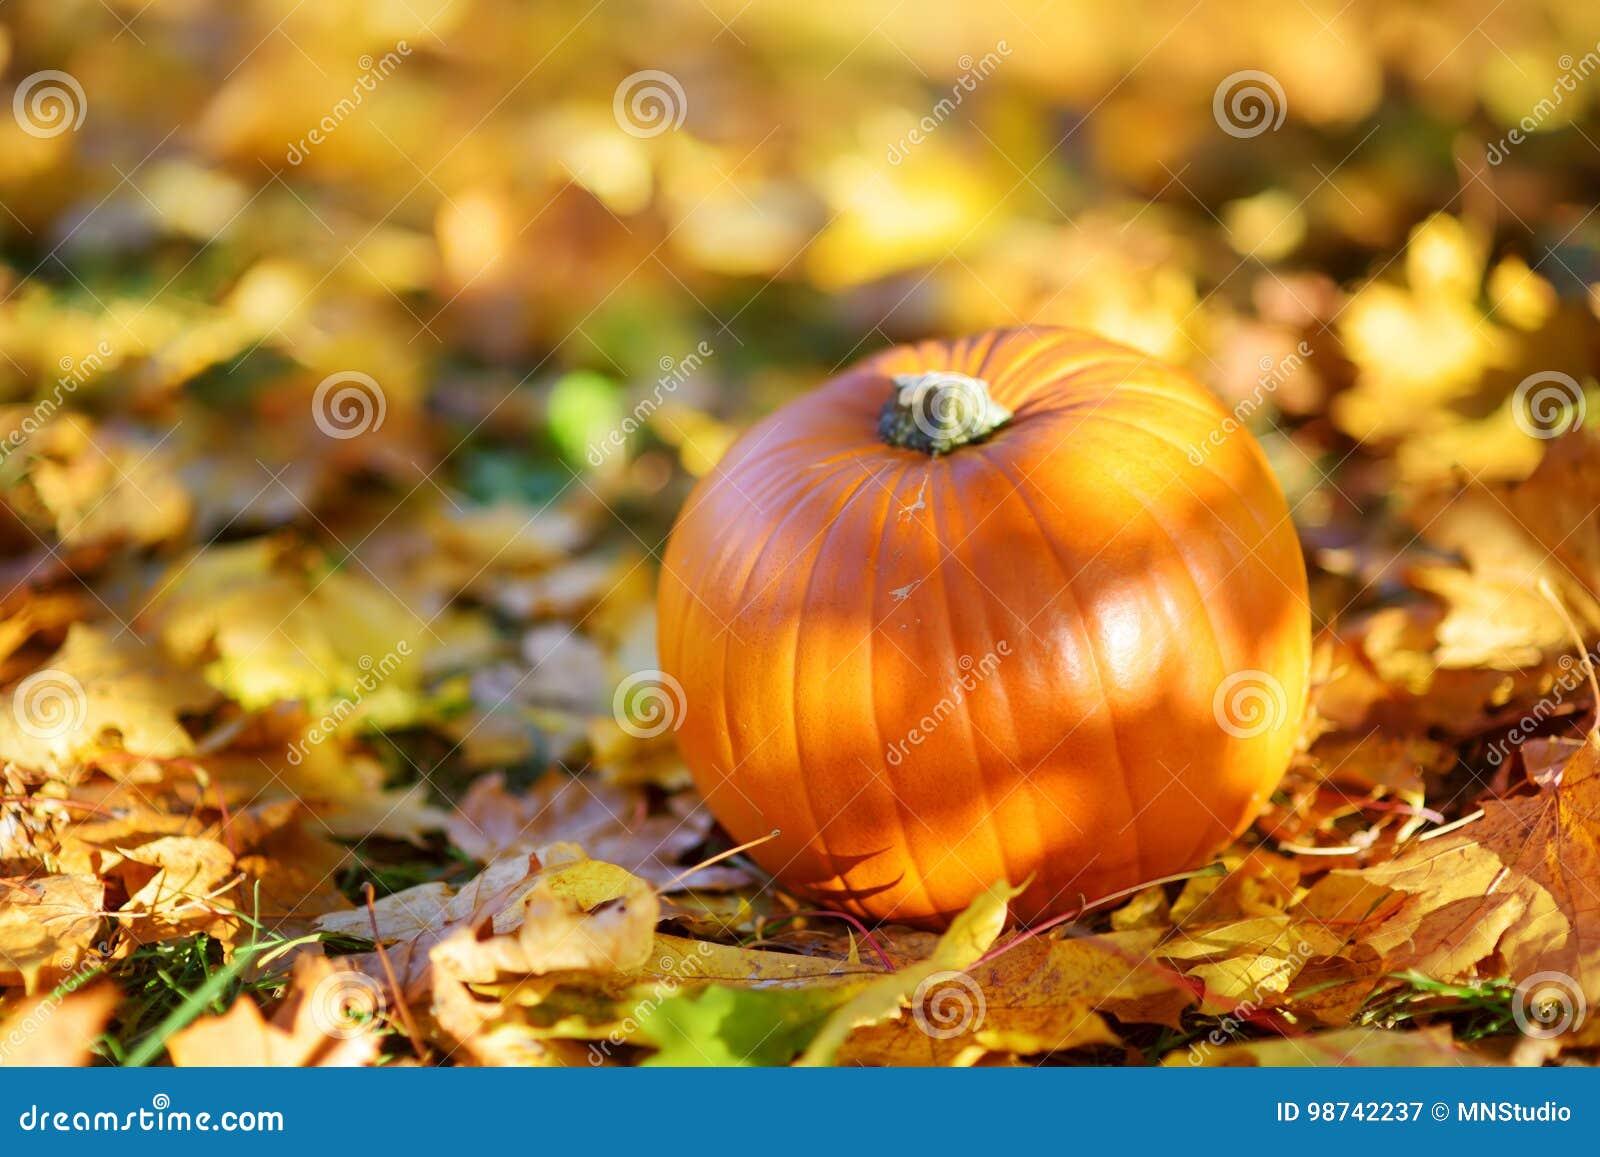 Calabaza anaranjada grande que pone en la tierra cubierta con las hojas de otoño